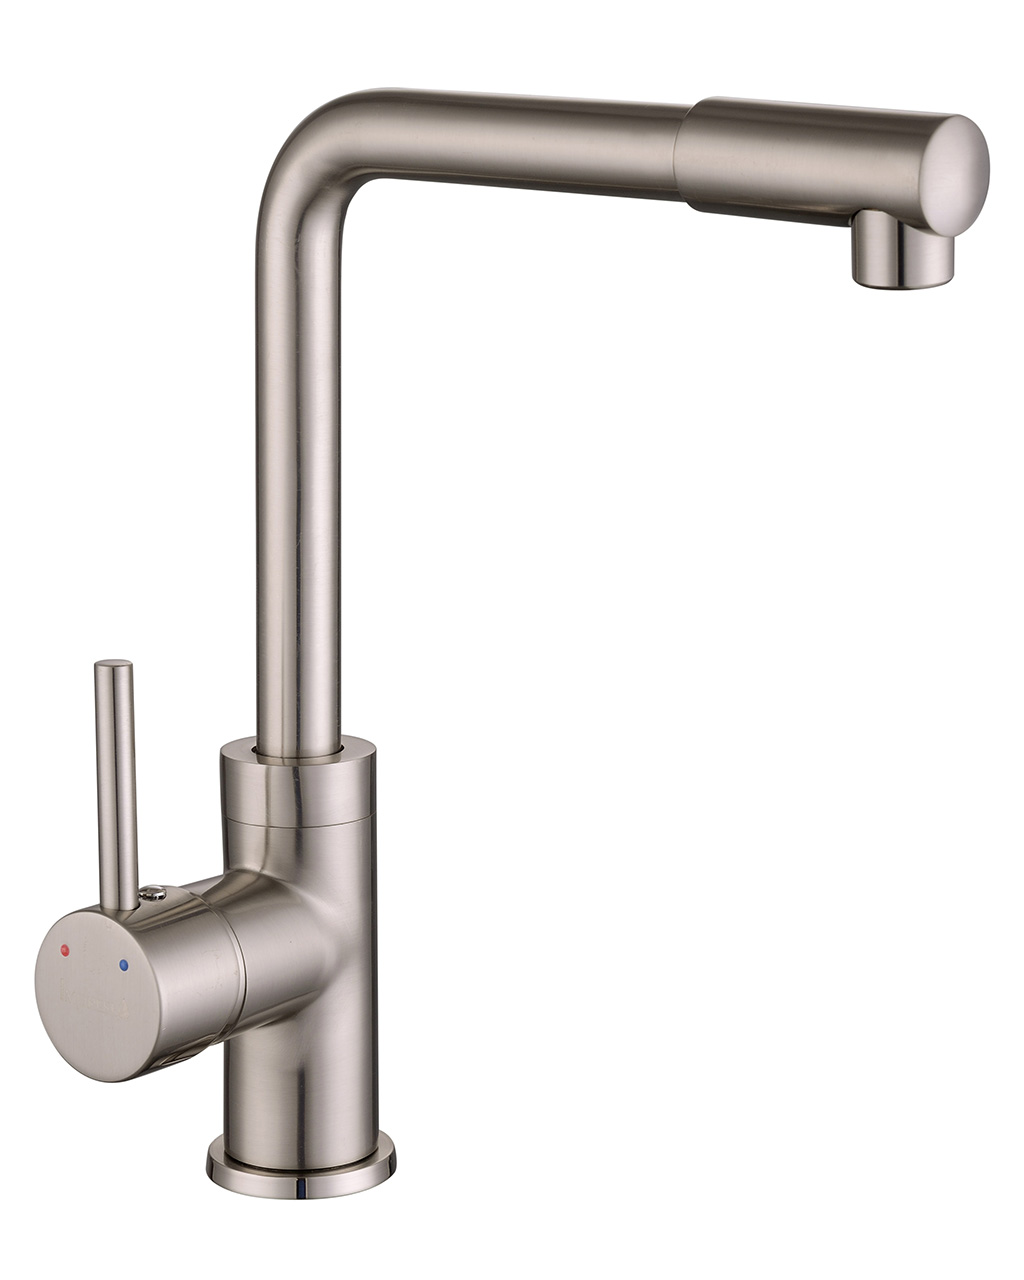 Змішувач Imprese LOTTA для кухні, високий ніс, сатин, 35 мм 55400